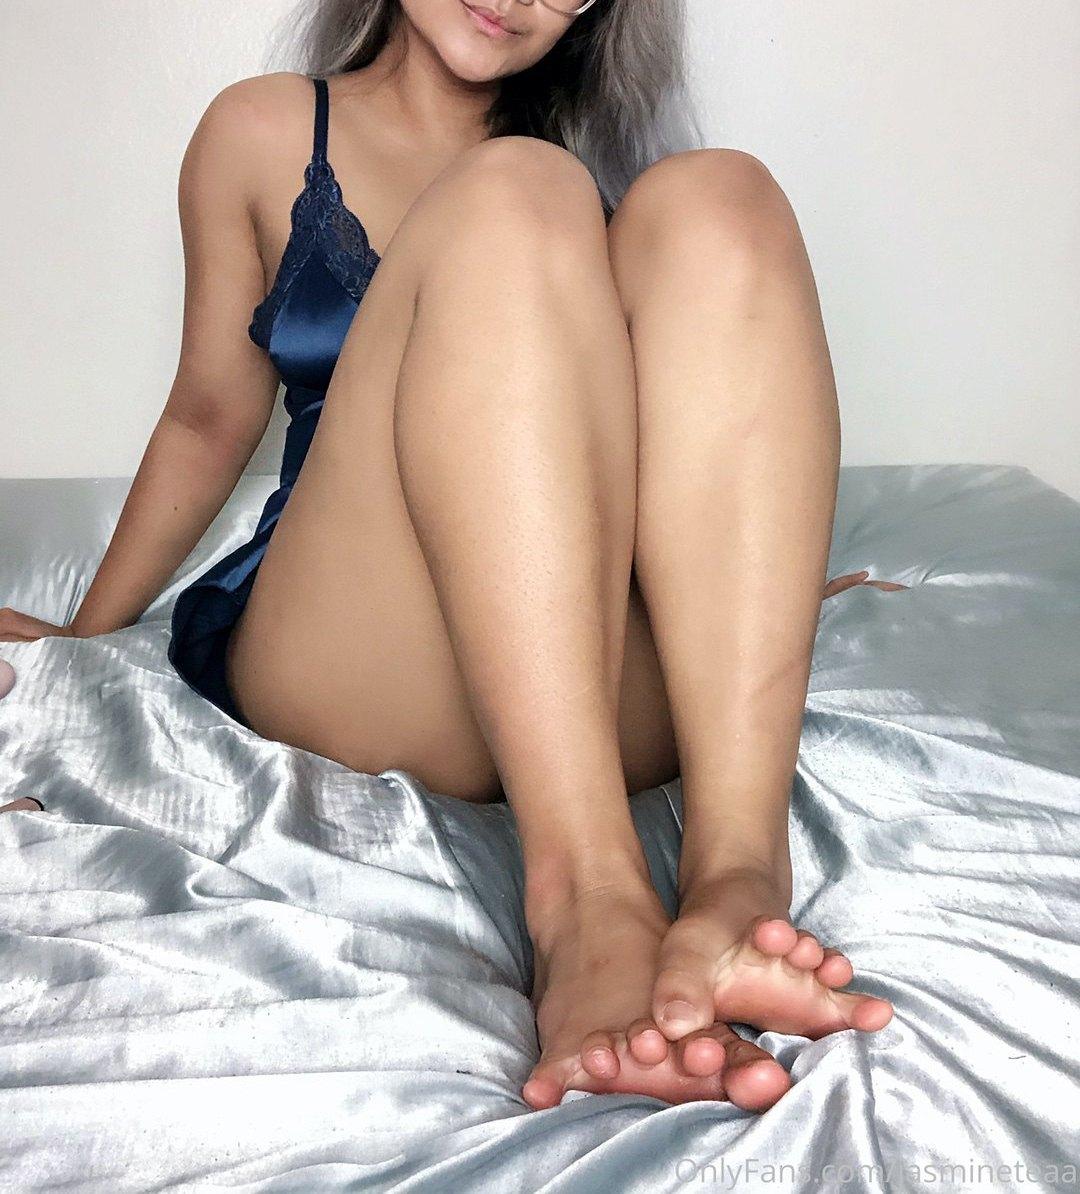 Jasmine Teaa Jasmineteaa Onlyfans Nudes Leaks 0006